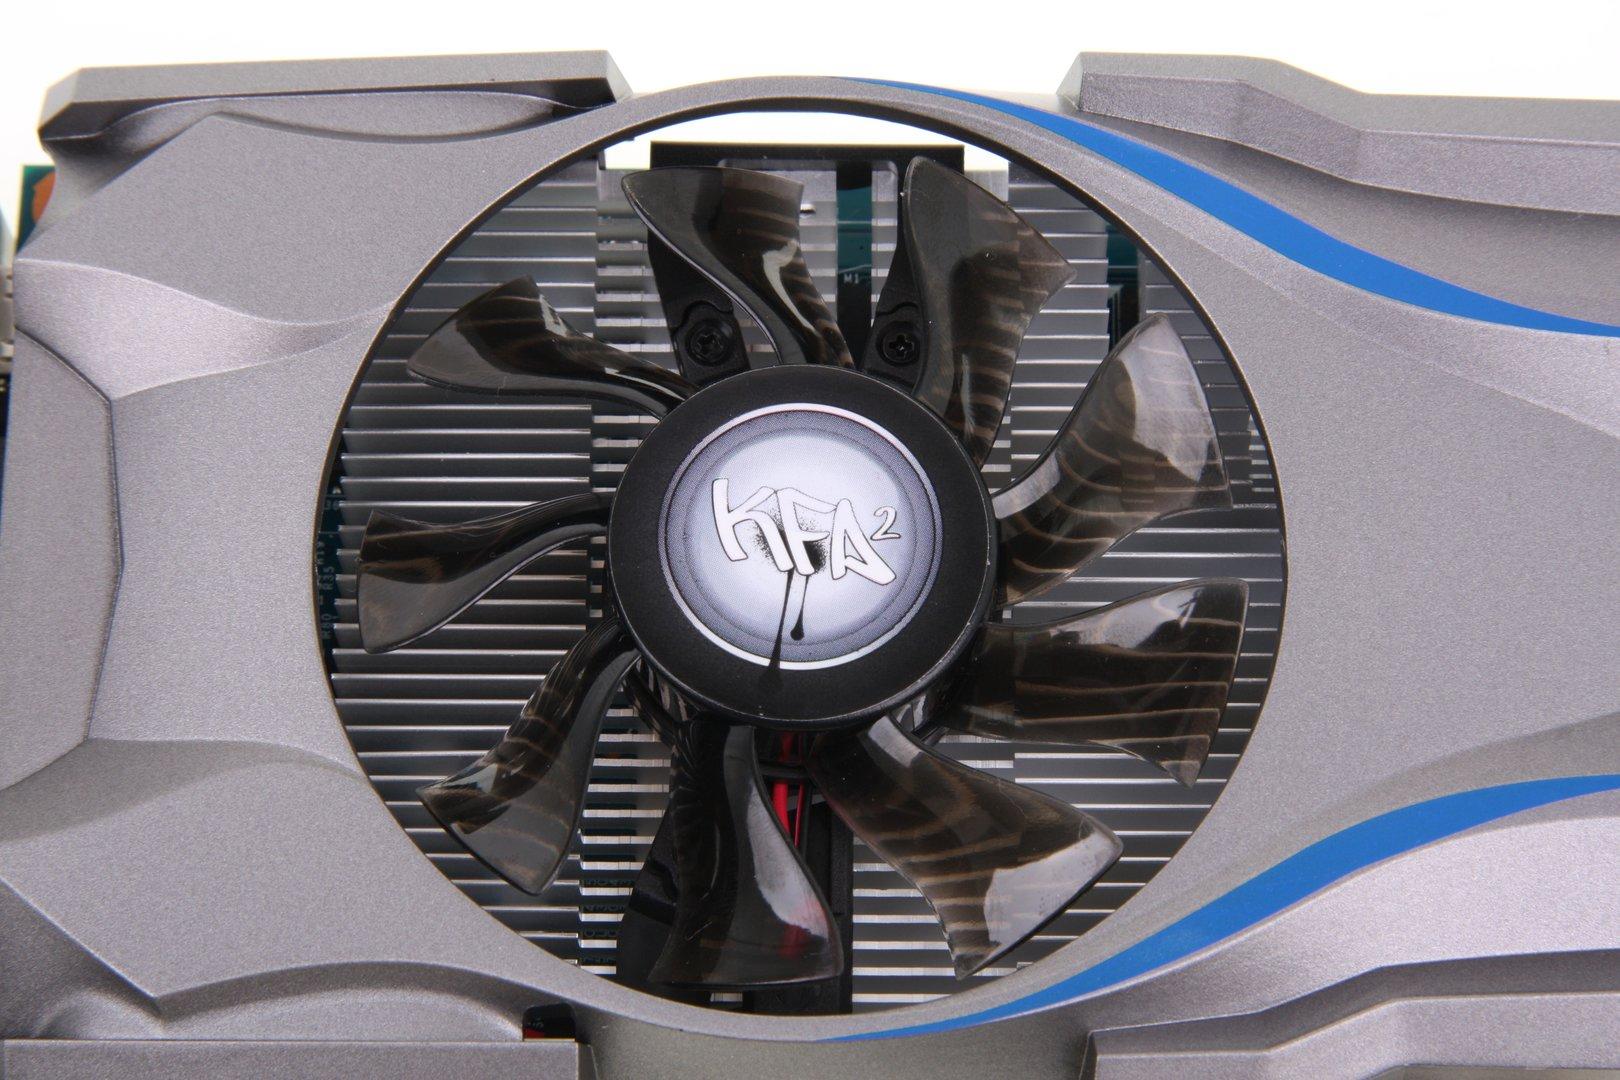 GeForce GTX 650 OC EX Anschlüsse (Bild 9/63) - ComputerBase